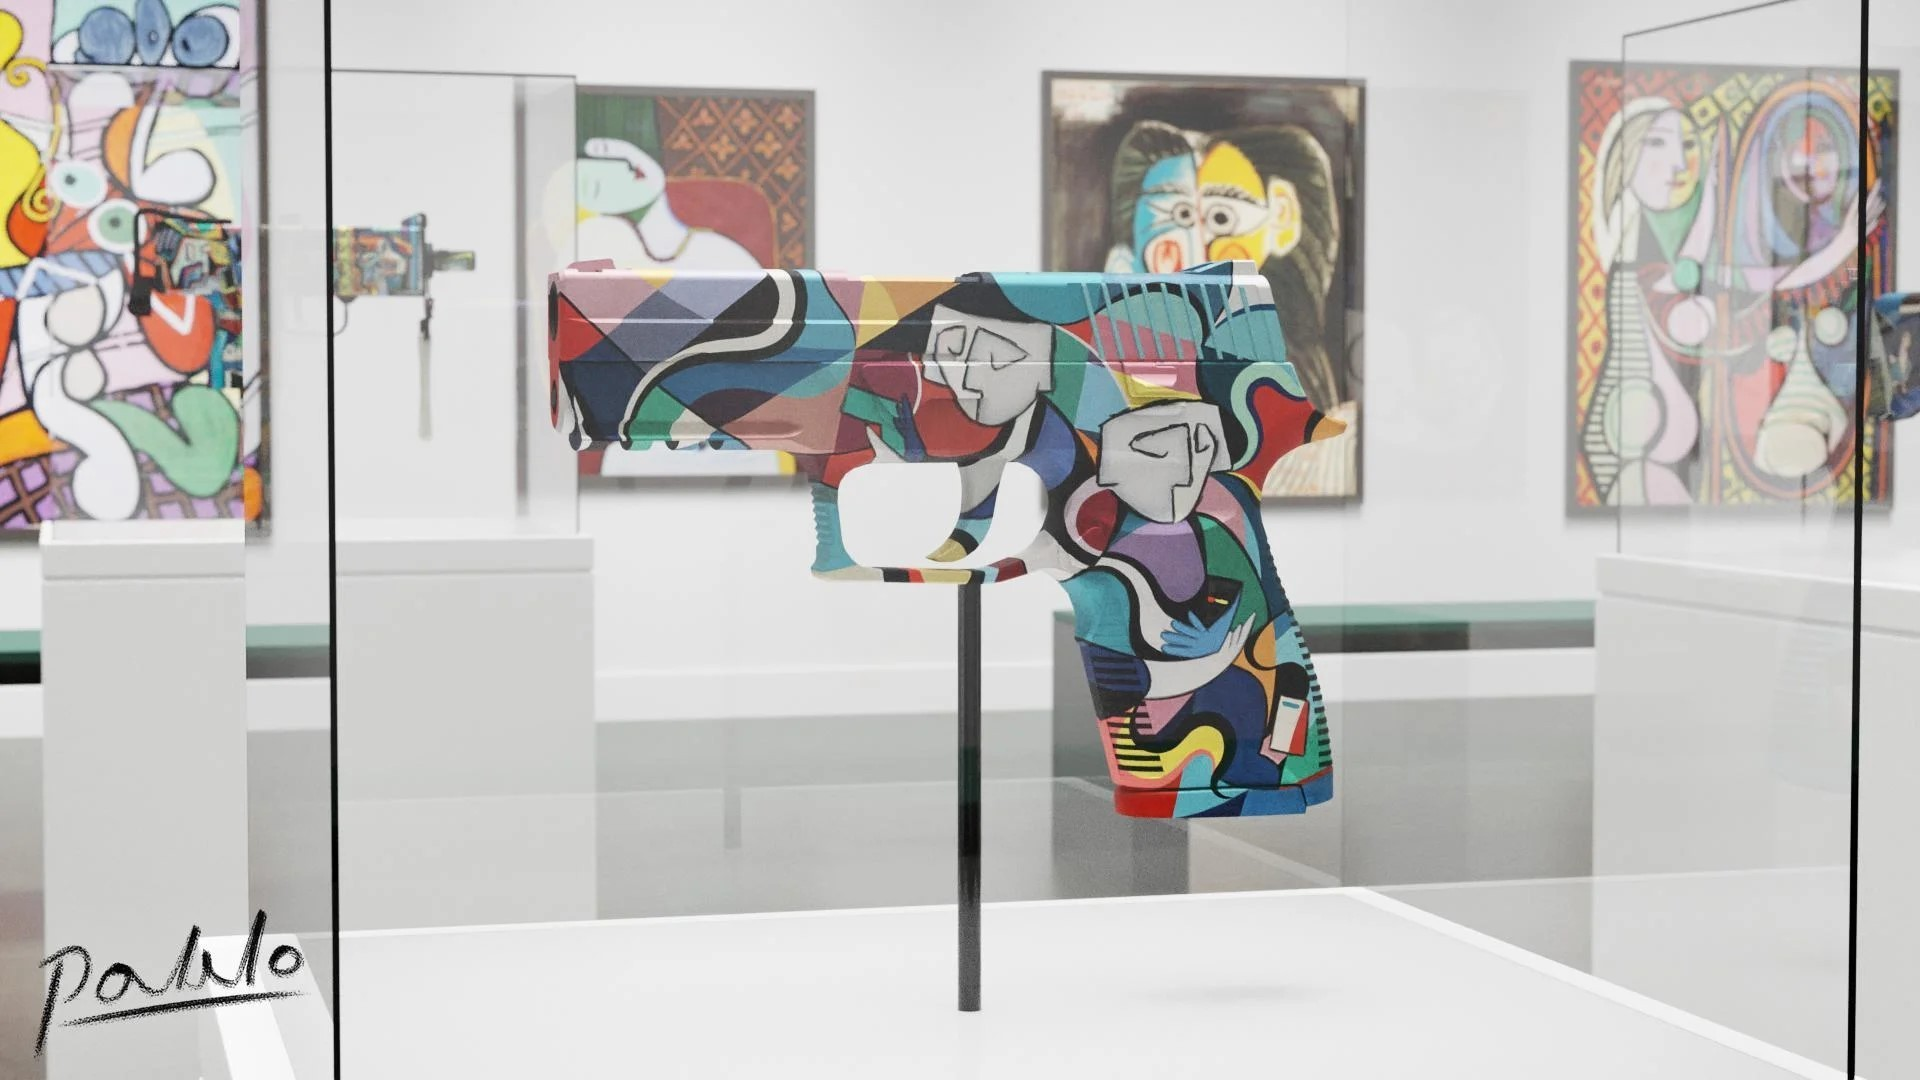 Redditбурлит имбовый прострел на Overpass и скины от Пабло Пикассо